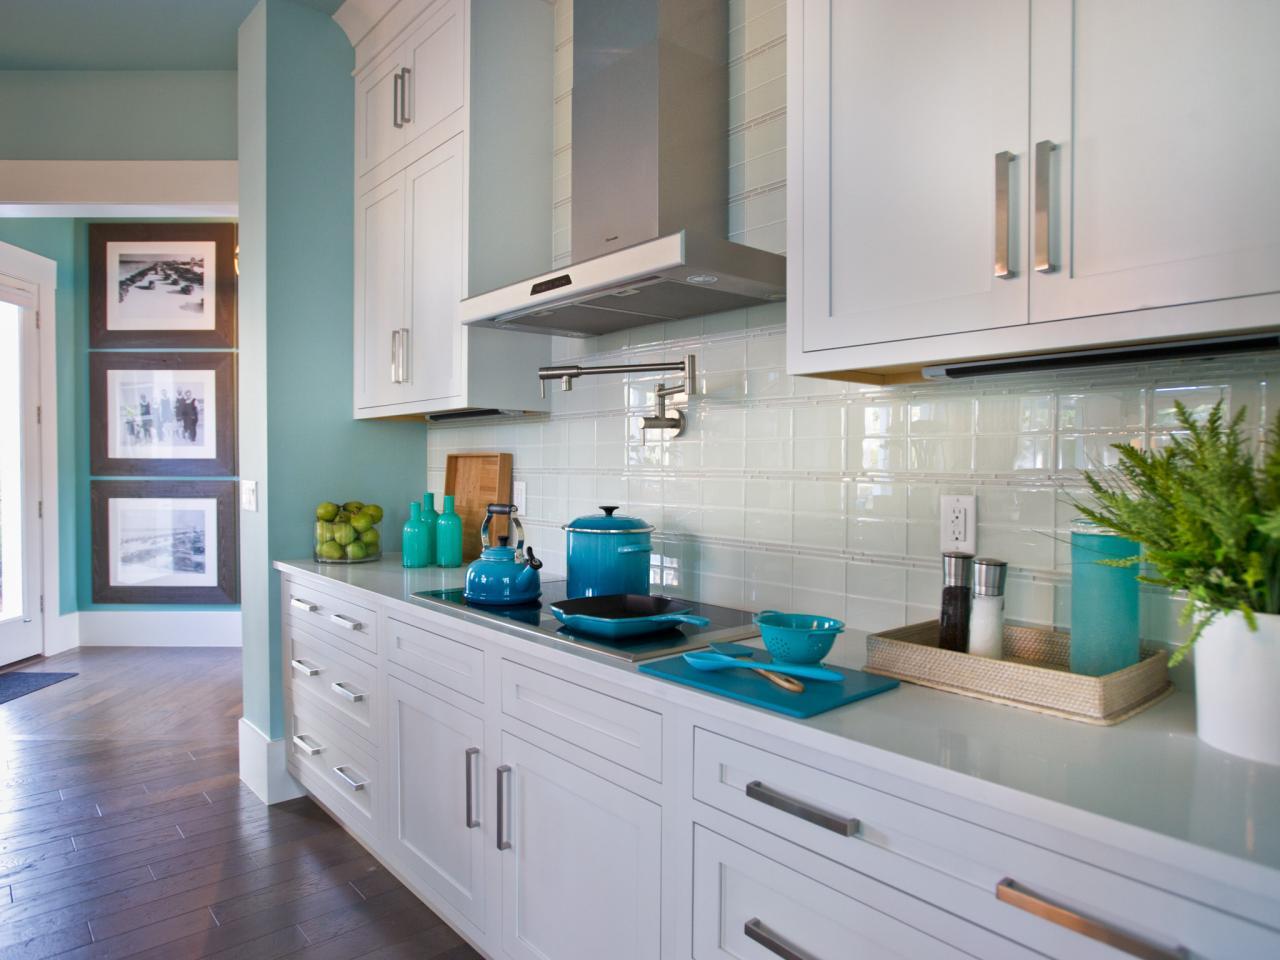 køkken-backsplash-glas-tile_4x3-jpg-rend-hgtvcom-1280-960